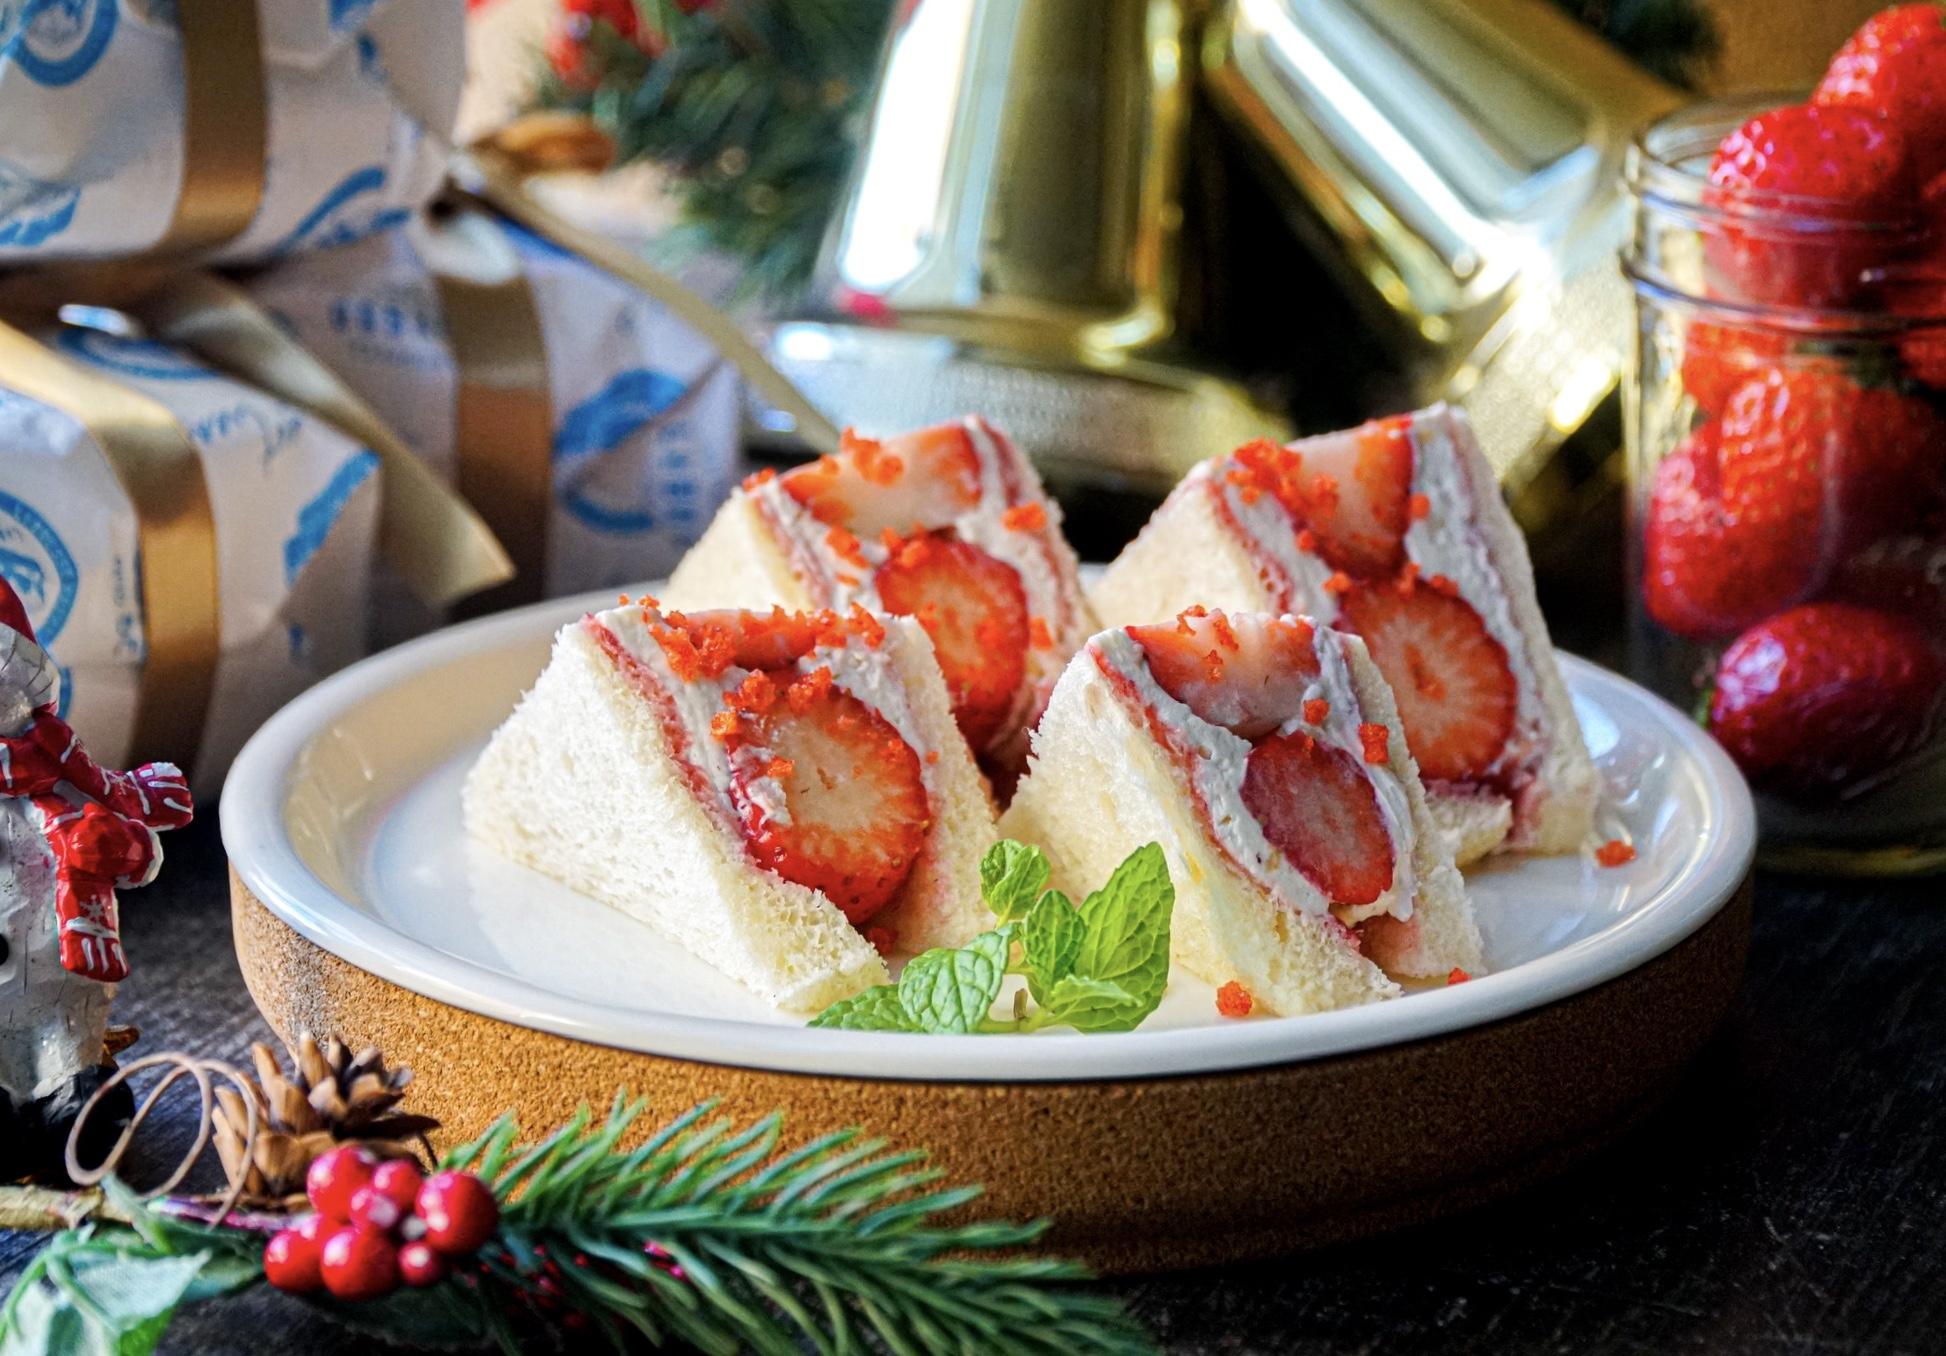 『レブレッソ』にいちごのショートケーキ風フルーツサンドが冬季限定登場